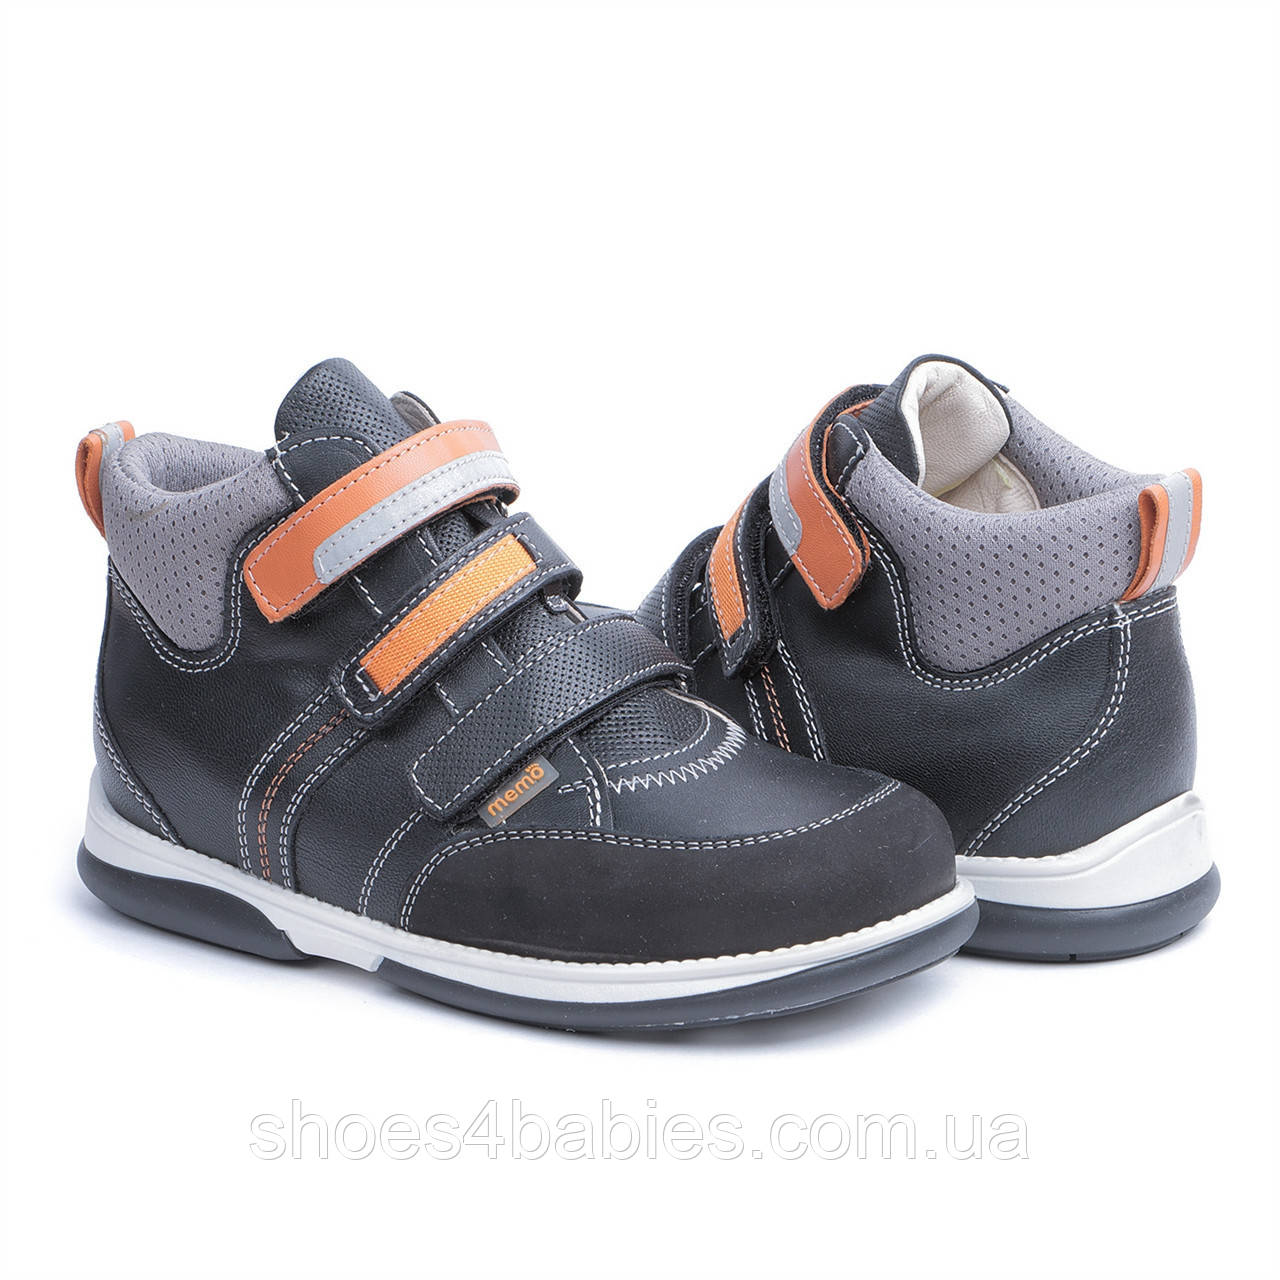 Memo Polo Черно-оранжевые - Детские ортопедические кроссовки 31